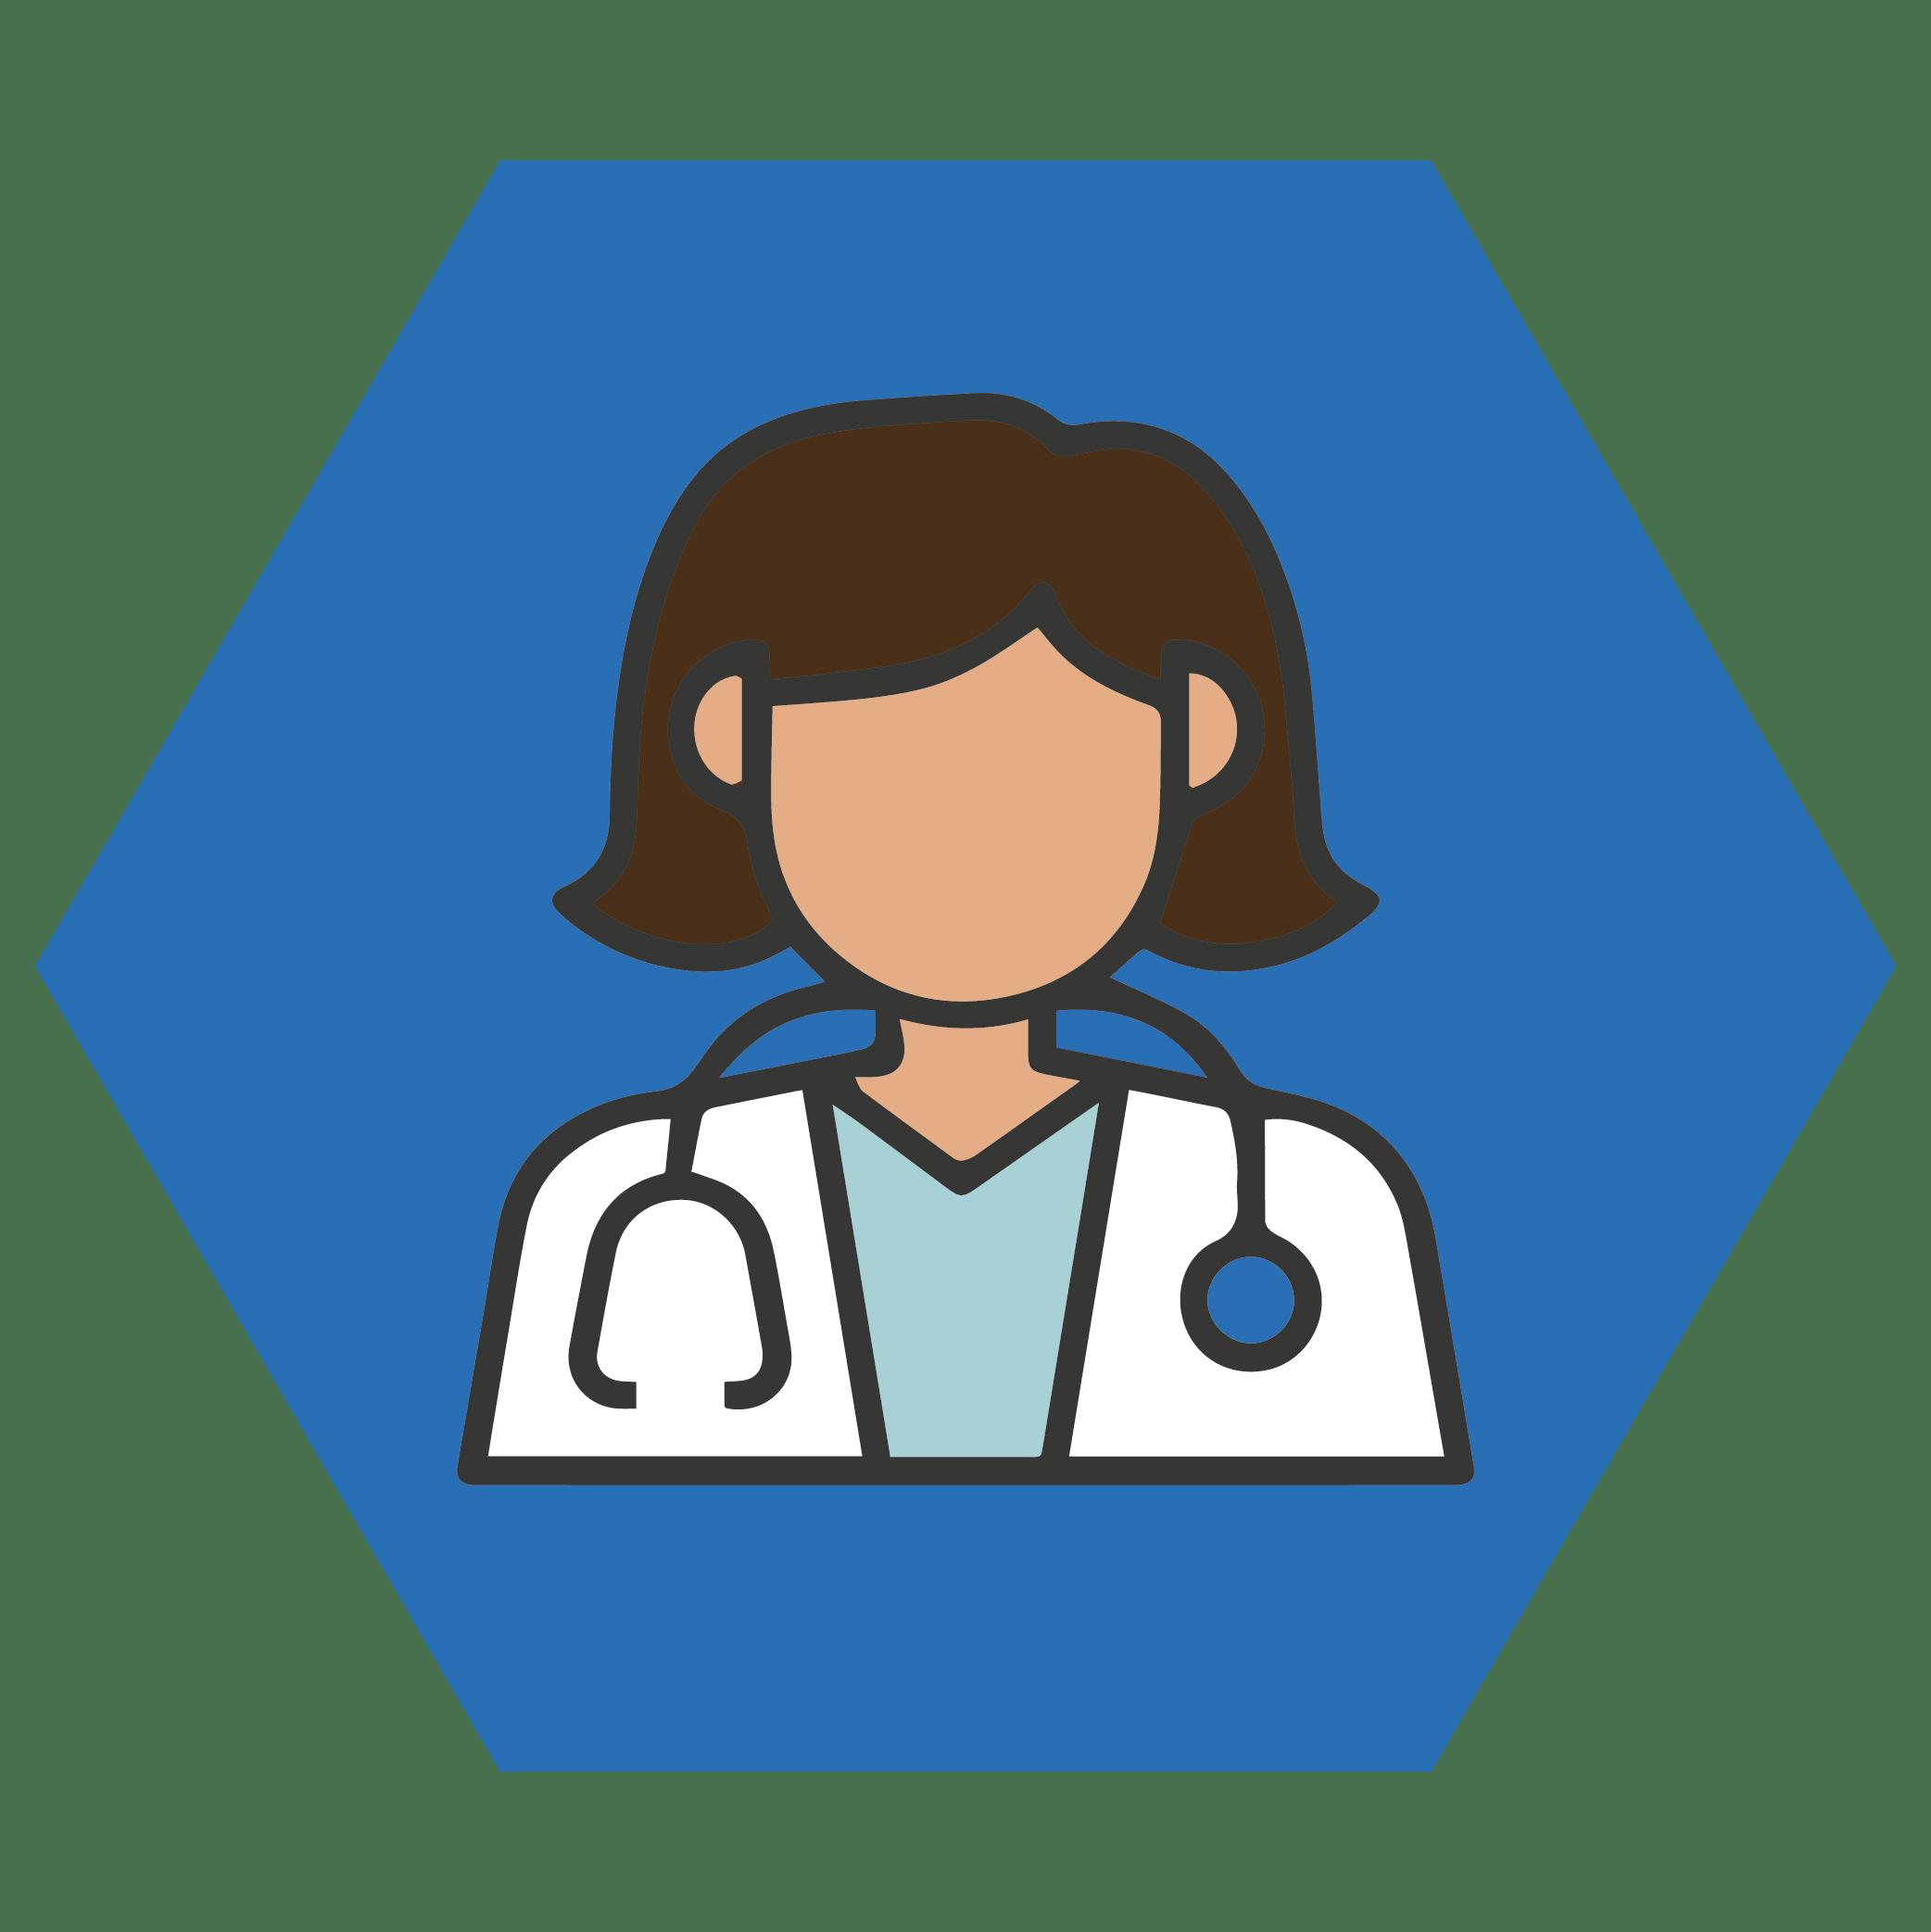 icone singole no nido d_ape - medici-46